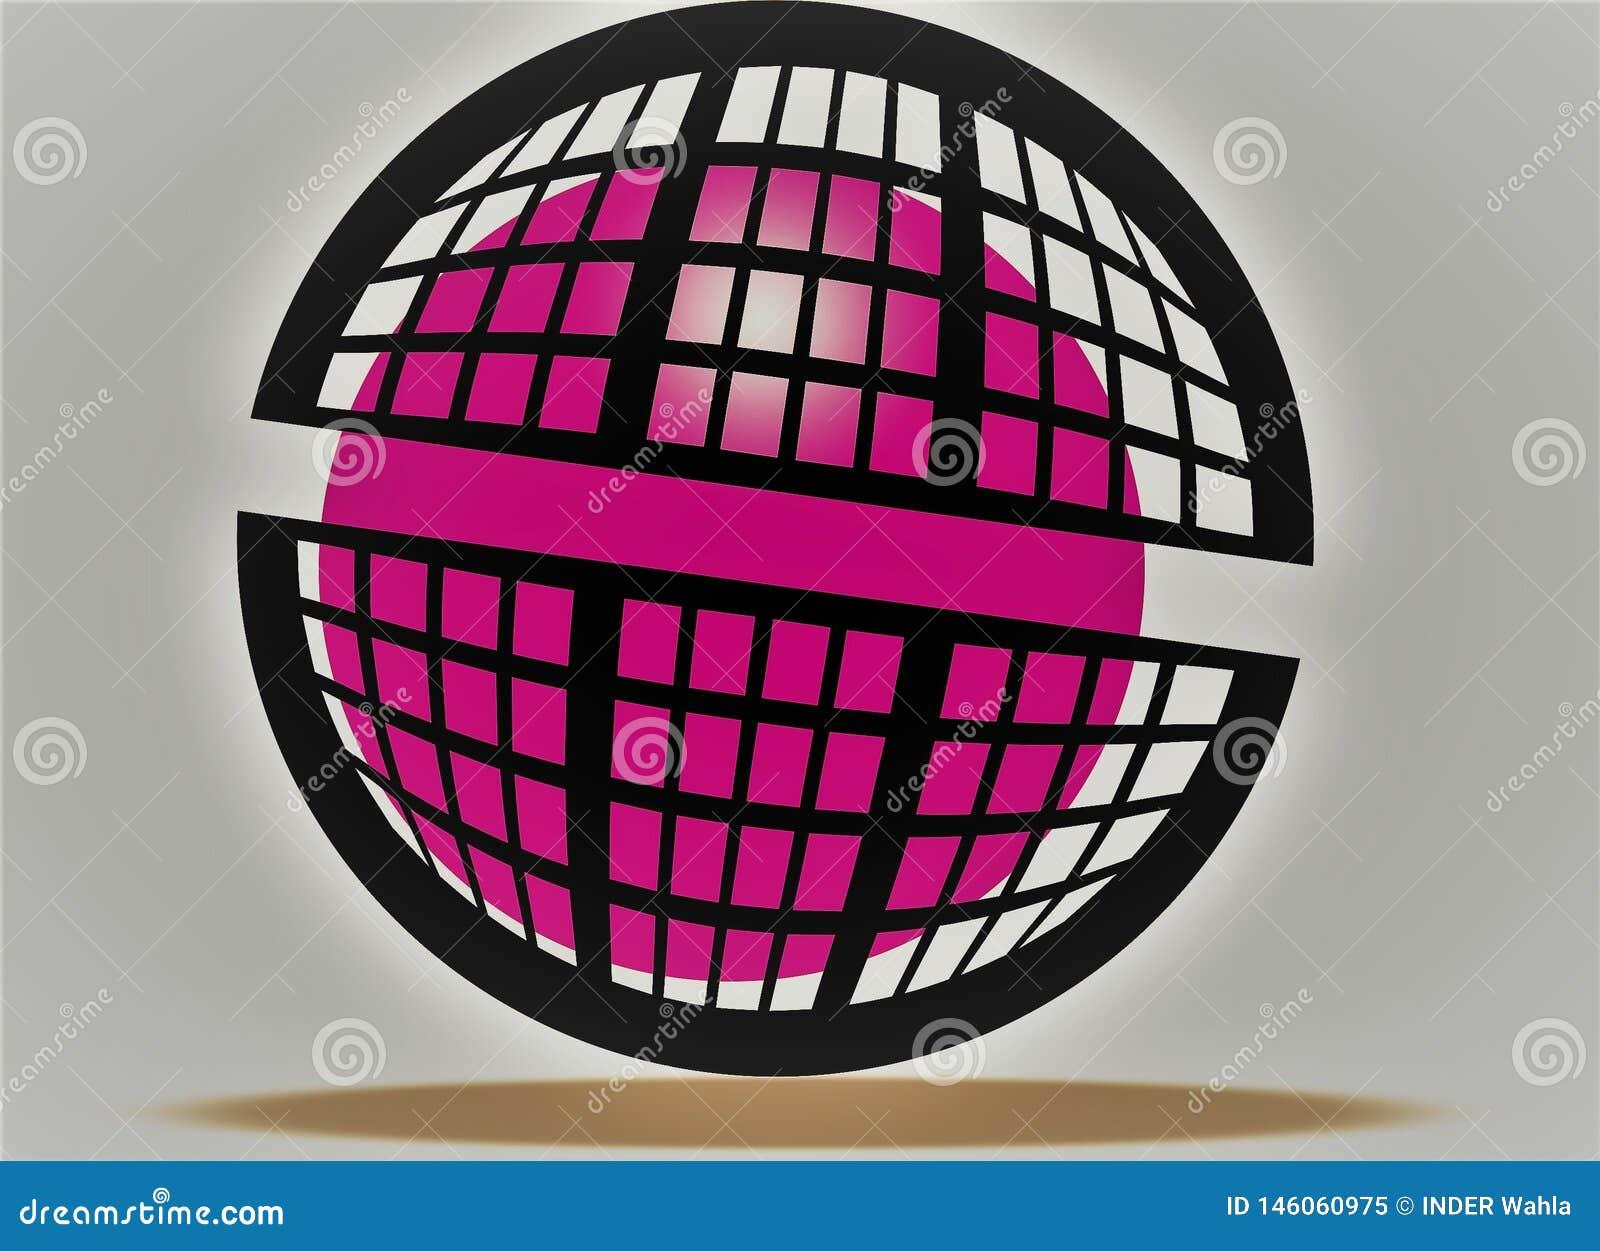 Lopende roze bal, roze zonneschijn in kooi, zoals roze brand, zwarte dozen om ontwerp ontzagwekkende 3d effect roze en zwarte